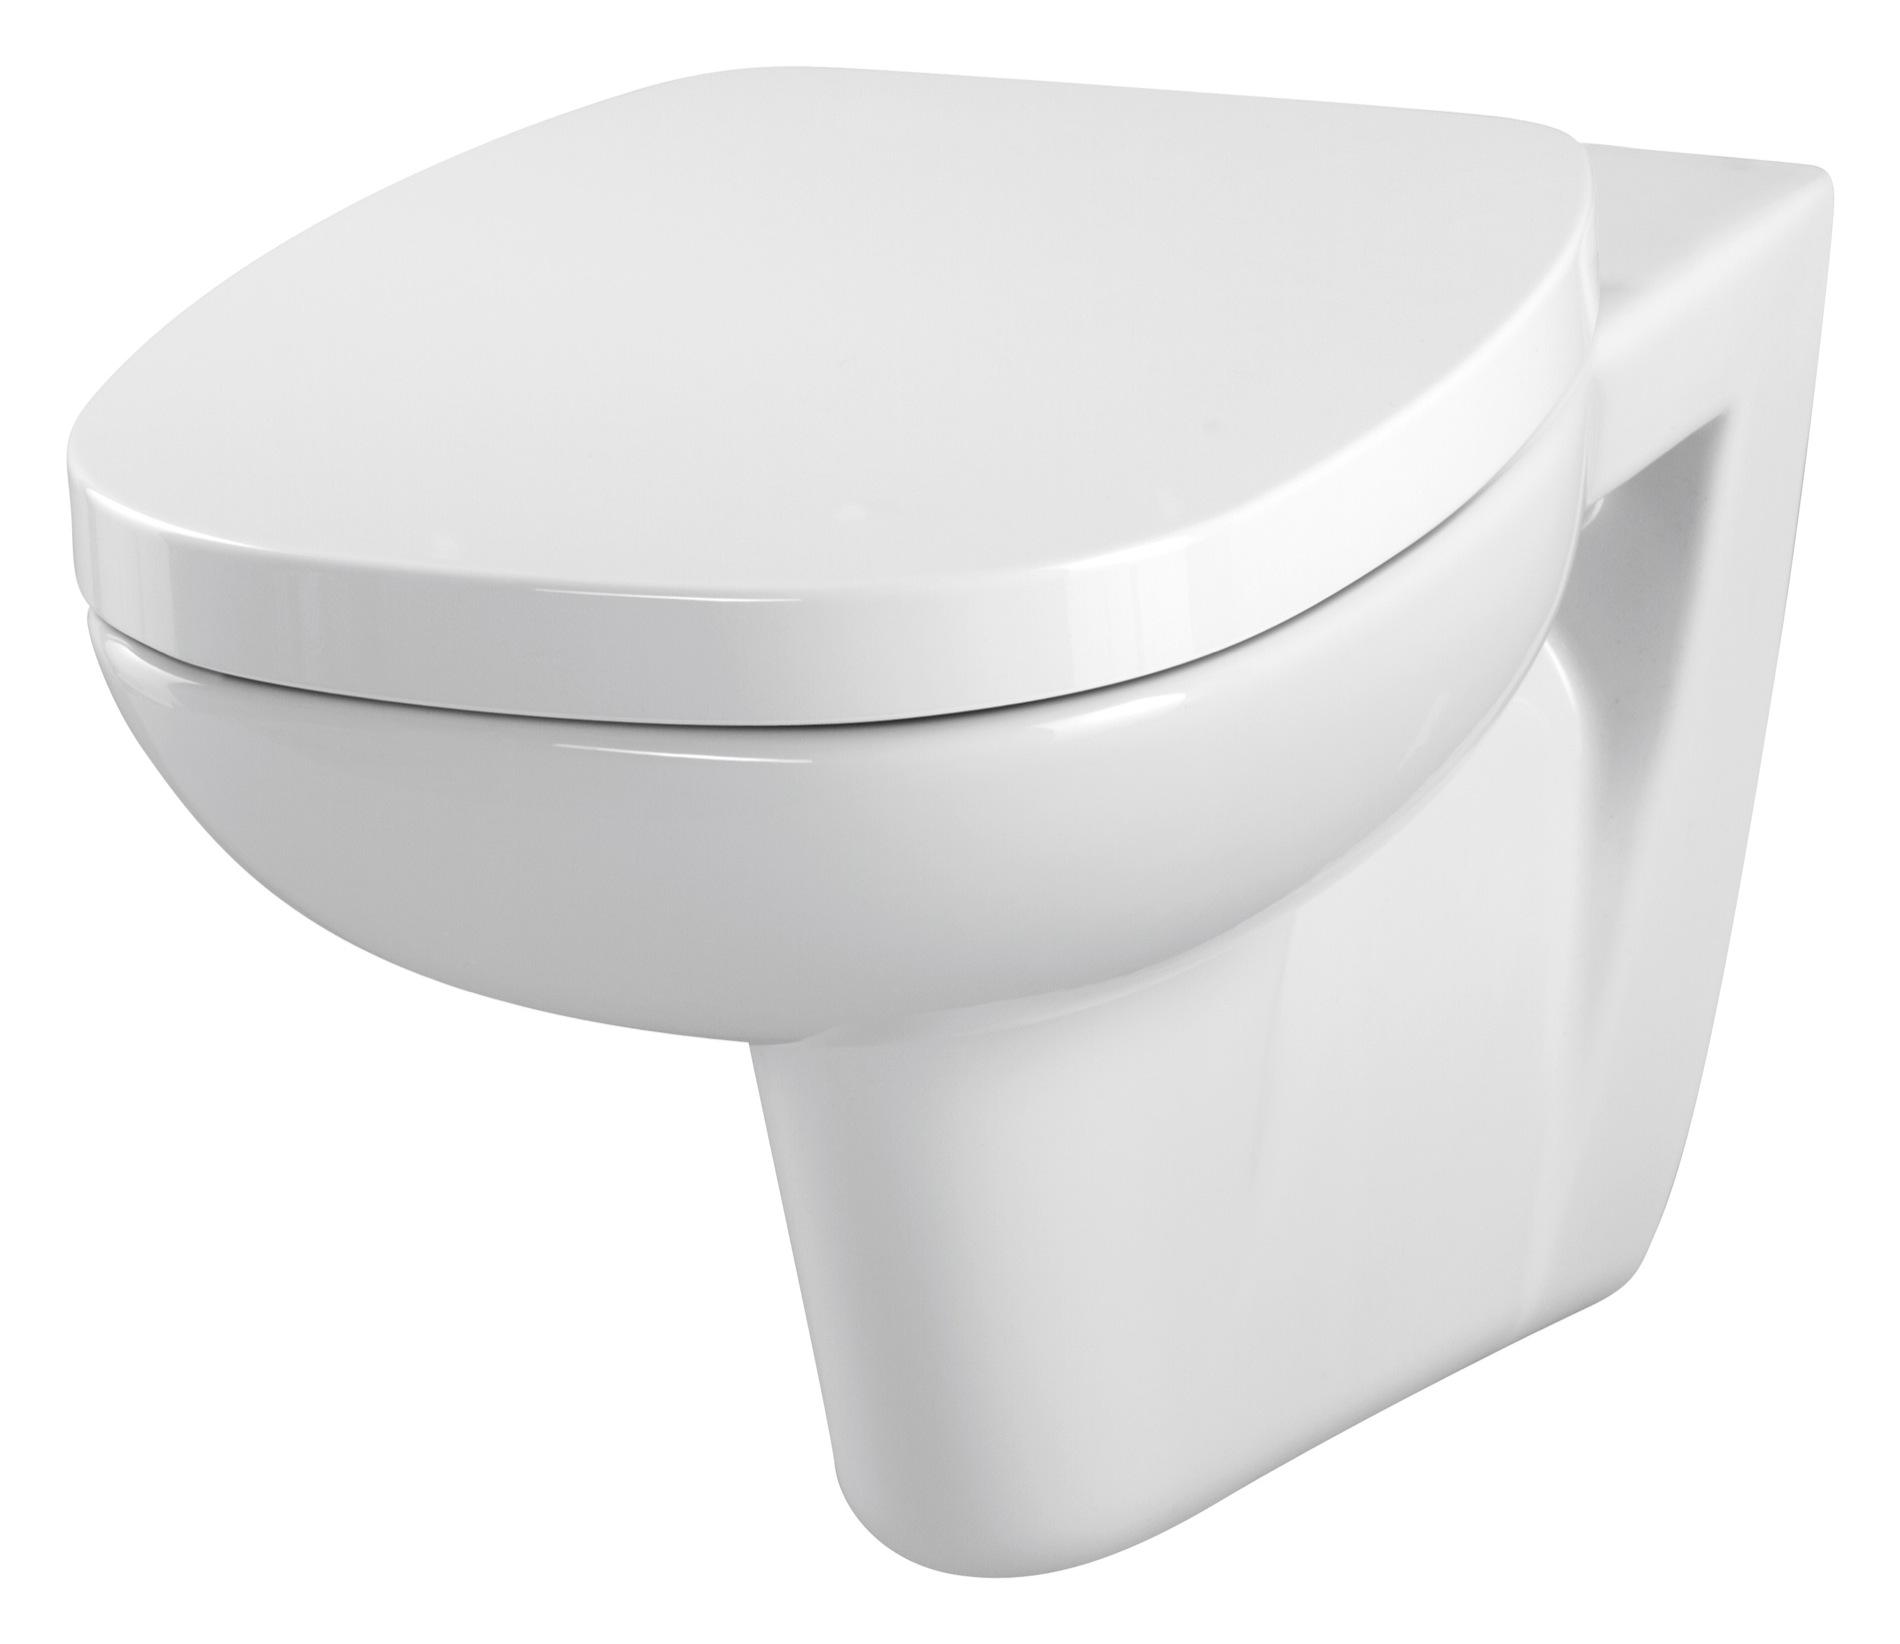 Závěsná WC Mísa FACILE - K30-010 CERSANIT, bez sedátka K30-010